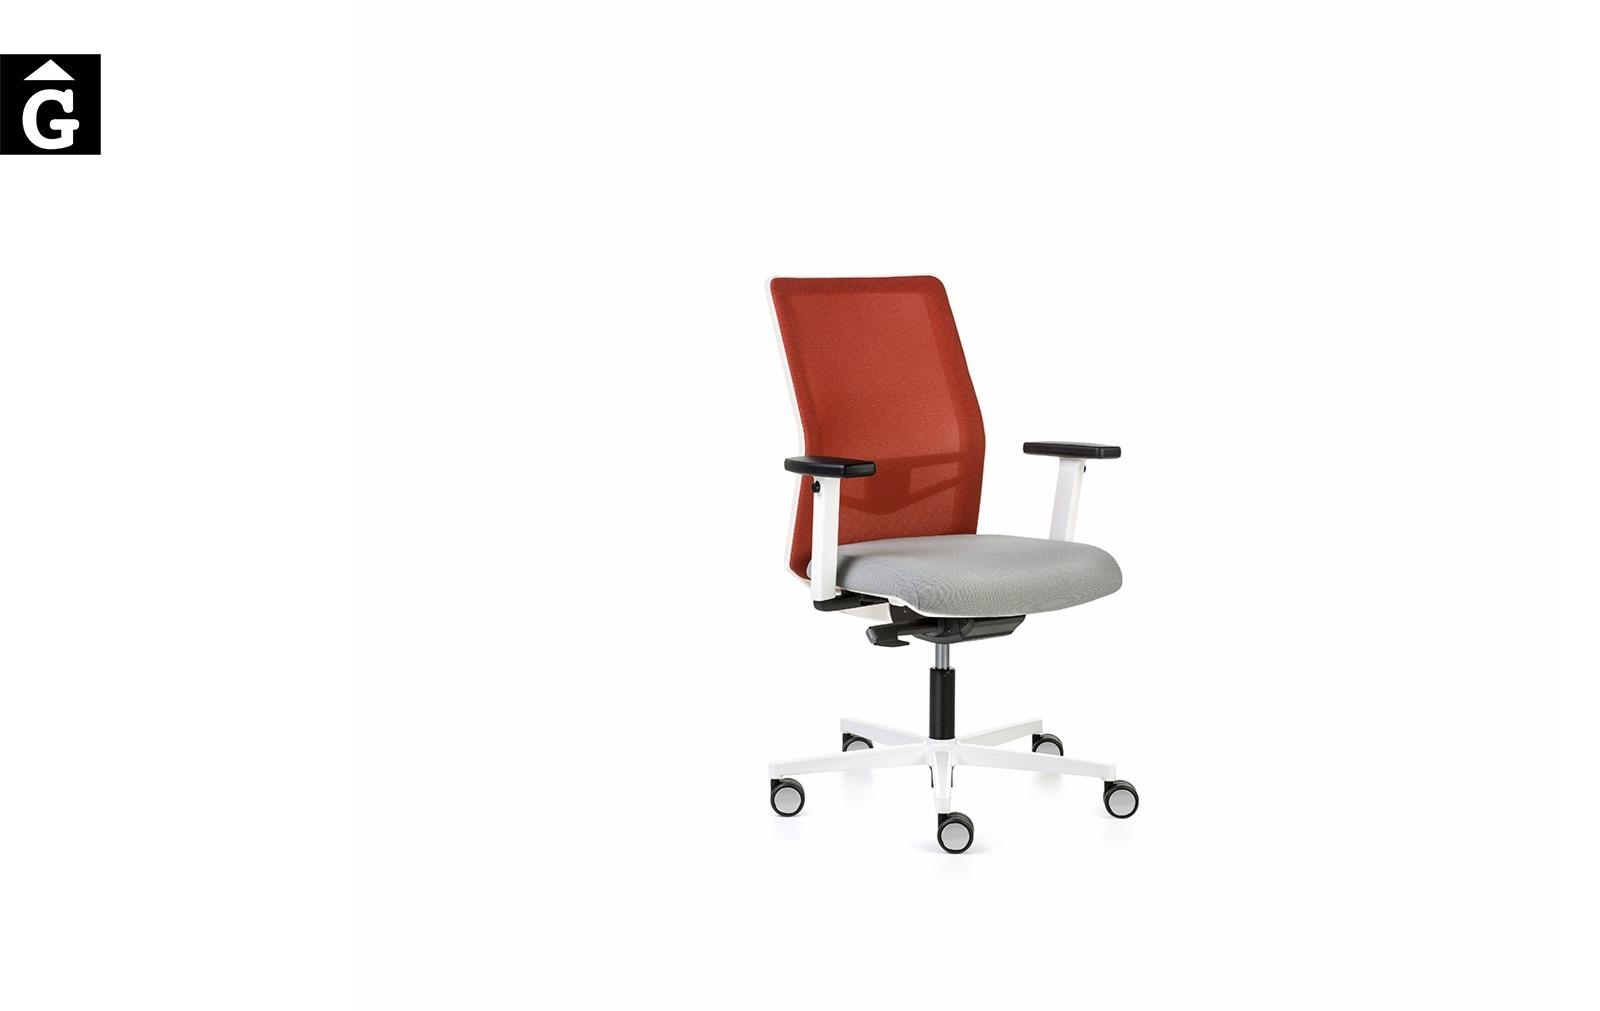 Cadira despatx Equis Blanca | Vista perfil | Cadira operativa Dile | mobiliari d'oficina molt interessant | mobles Gifreu | botiga | Contract | Mobles nous oficina